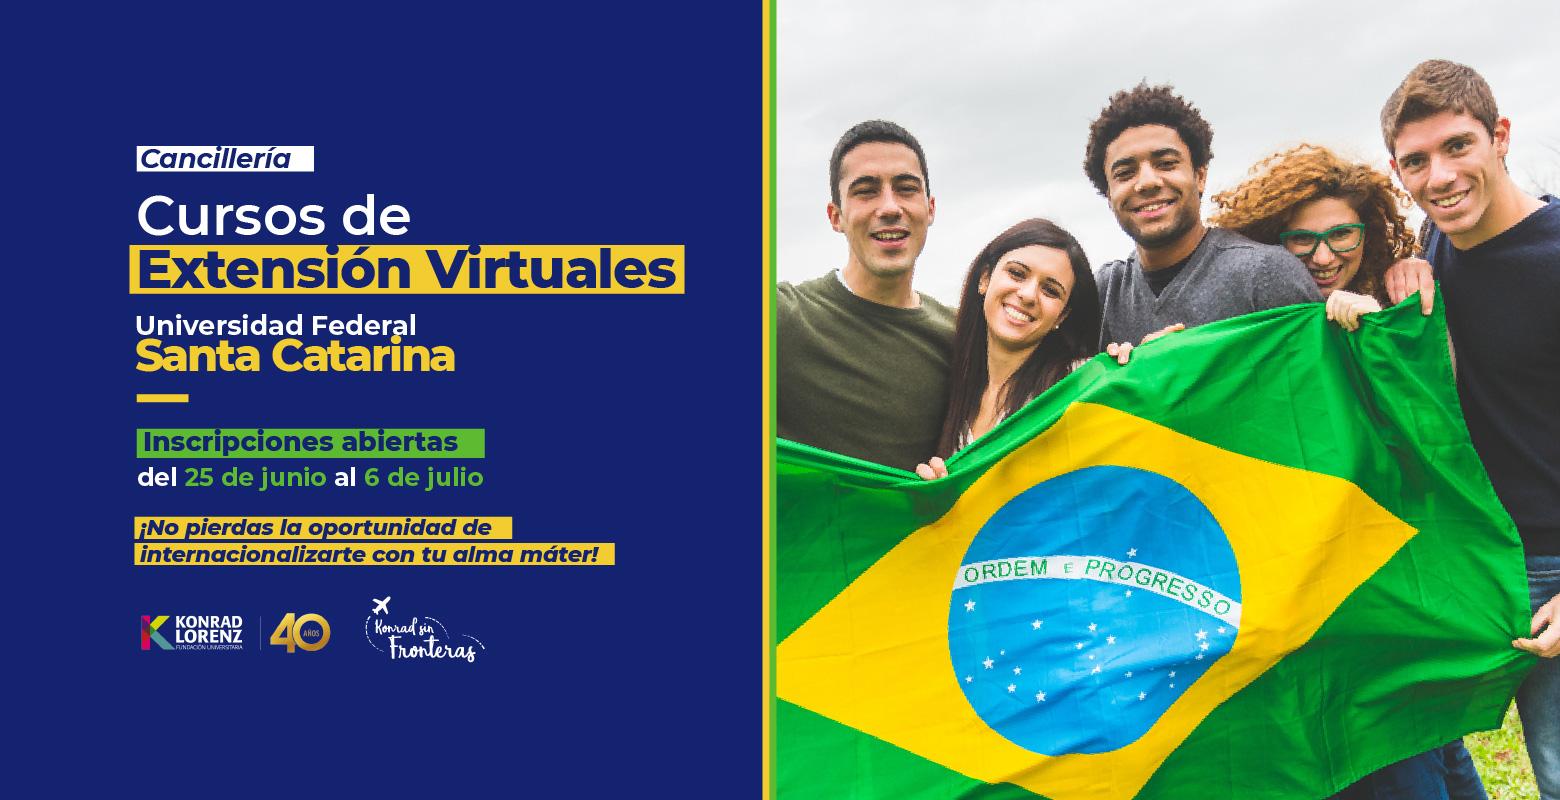 Descubre los Cursos de Extensión Virtuales de la Universidad Federal Santa Catarina de Brasil